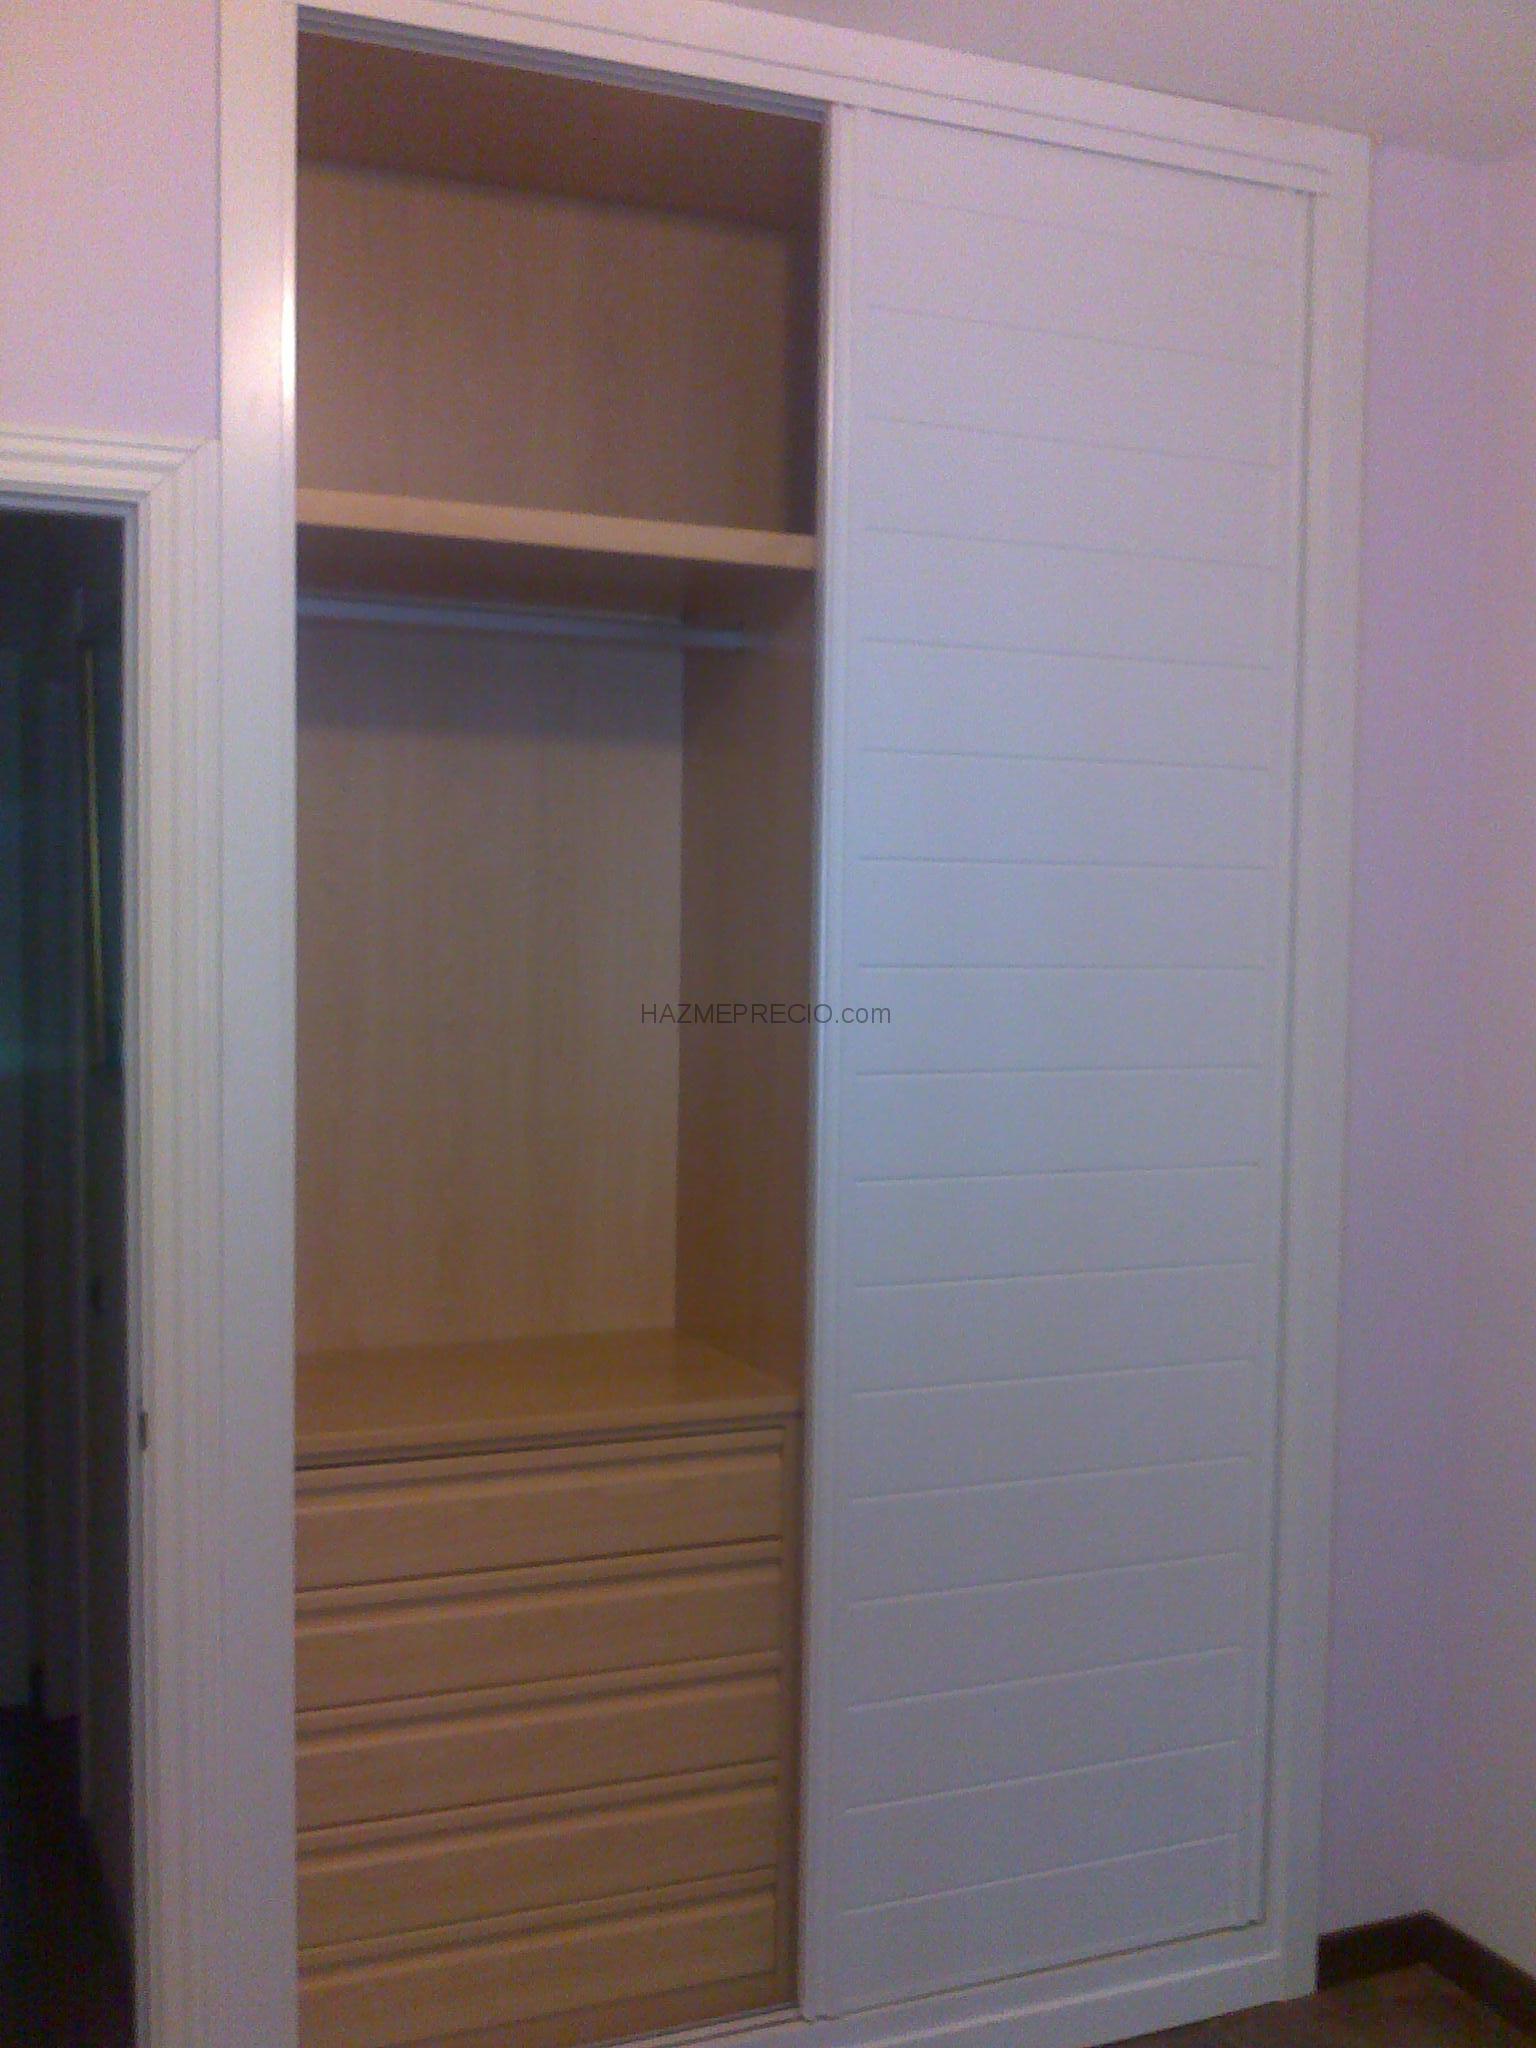 Presupuesto para hacer frentes de armarios empotrados 4 Precio puertas de paso